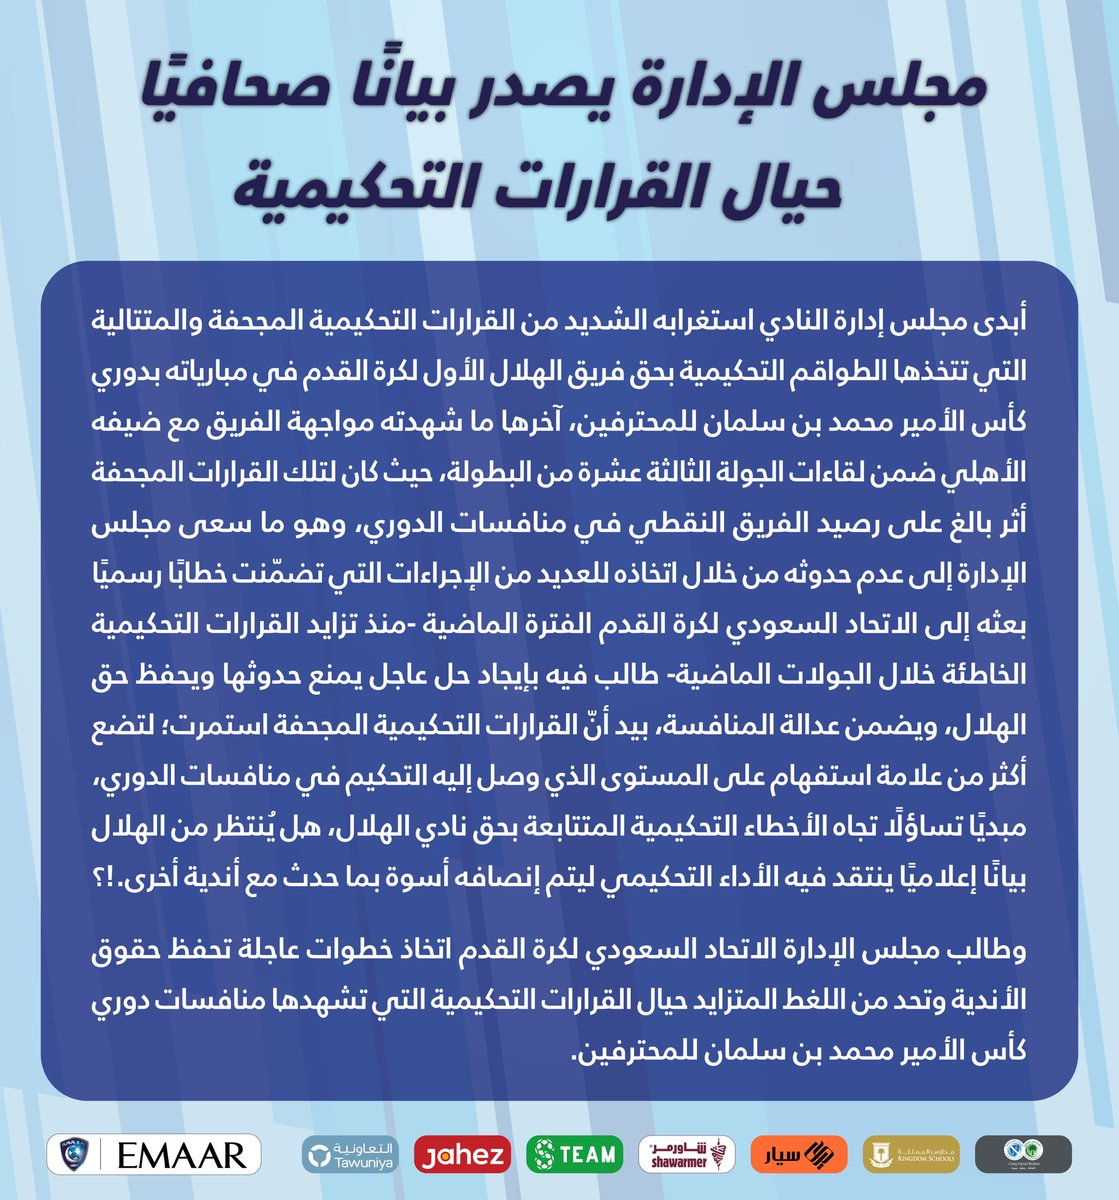 الإعلامي @falahsport 🔴🔴  بيان ادارة #الهلال الأخير يذكرني ببيانهم بعد انسحاب #الهلال من #دوري_ابطال_اسيا التوقيت والهدف واحد..!  #الاهلي_lلهلال #سعودي_كورة